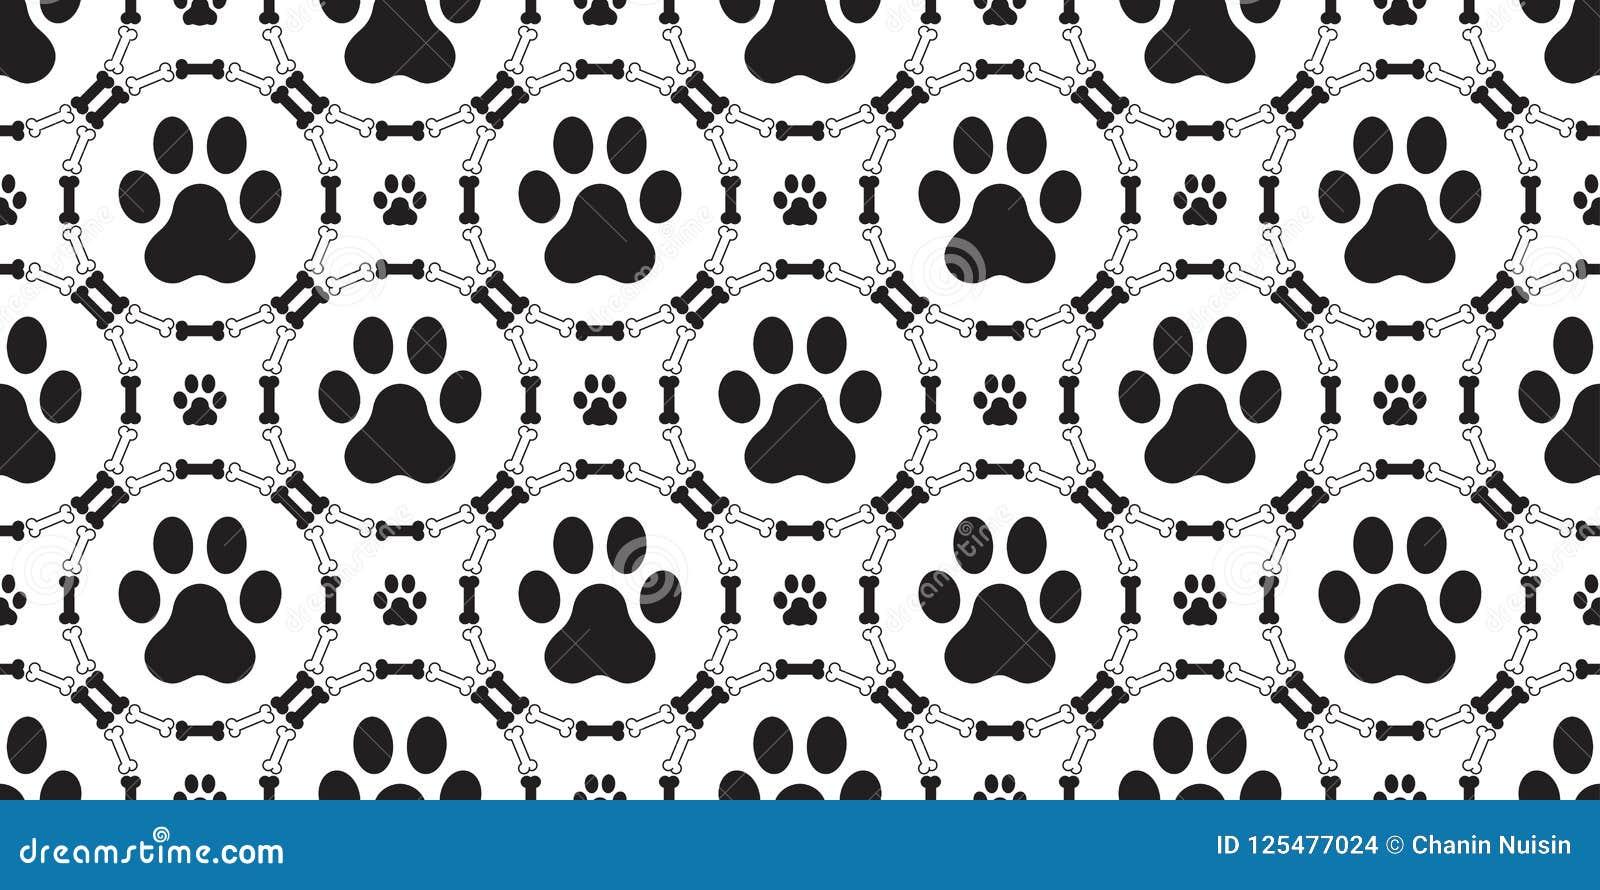 狗爪子无缝的样式传染媒介隔绝了狗骨头小狗猫重复背景墙纸